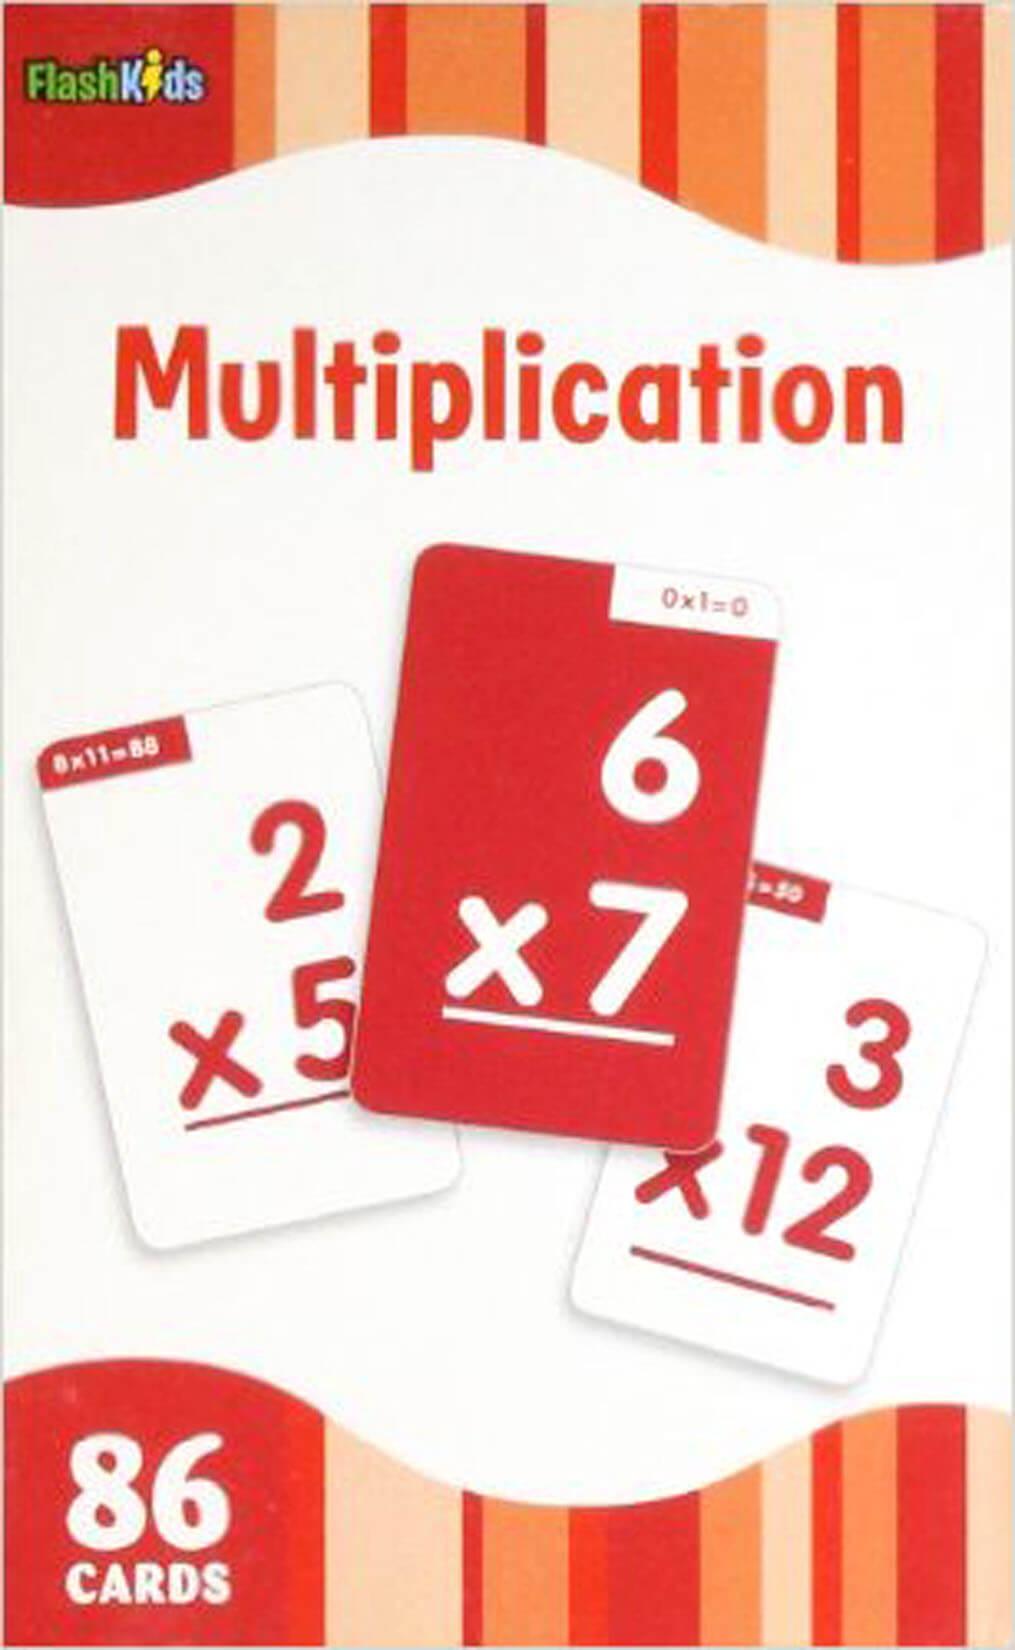 Multiplication Flashcards (Flashkids)